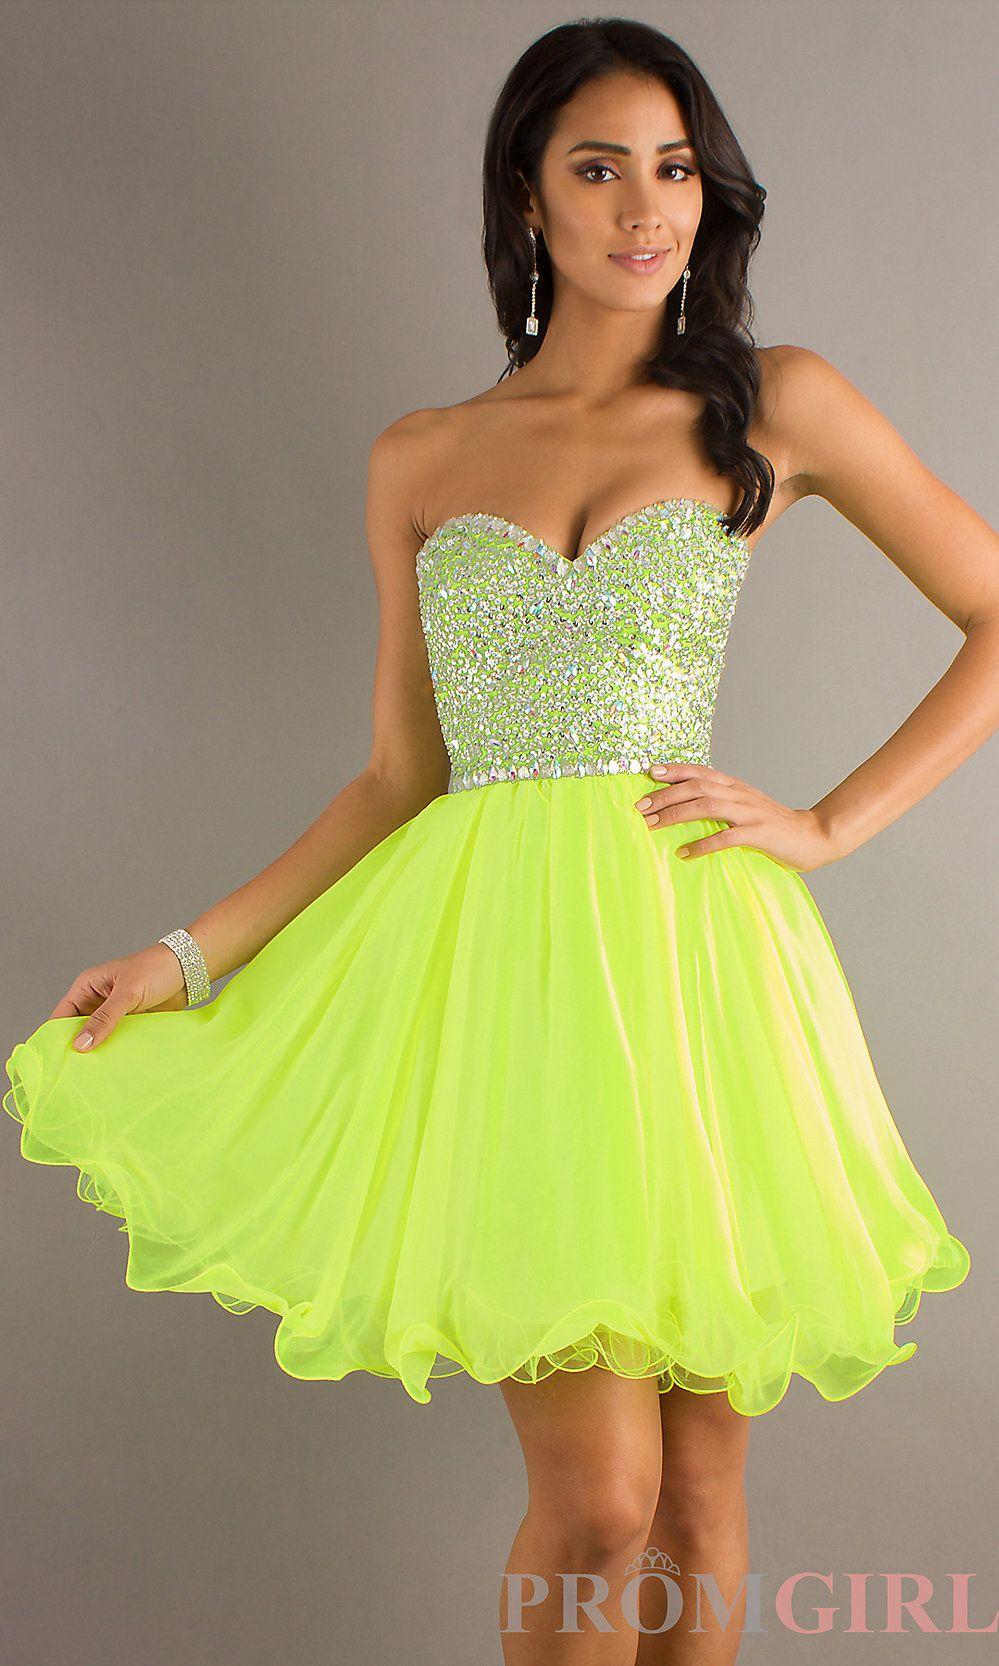 Strapless Short Prom Dress Short Strapless Dresses PromGirl This